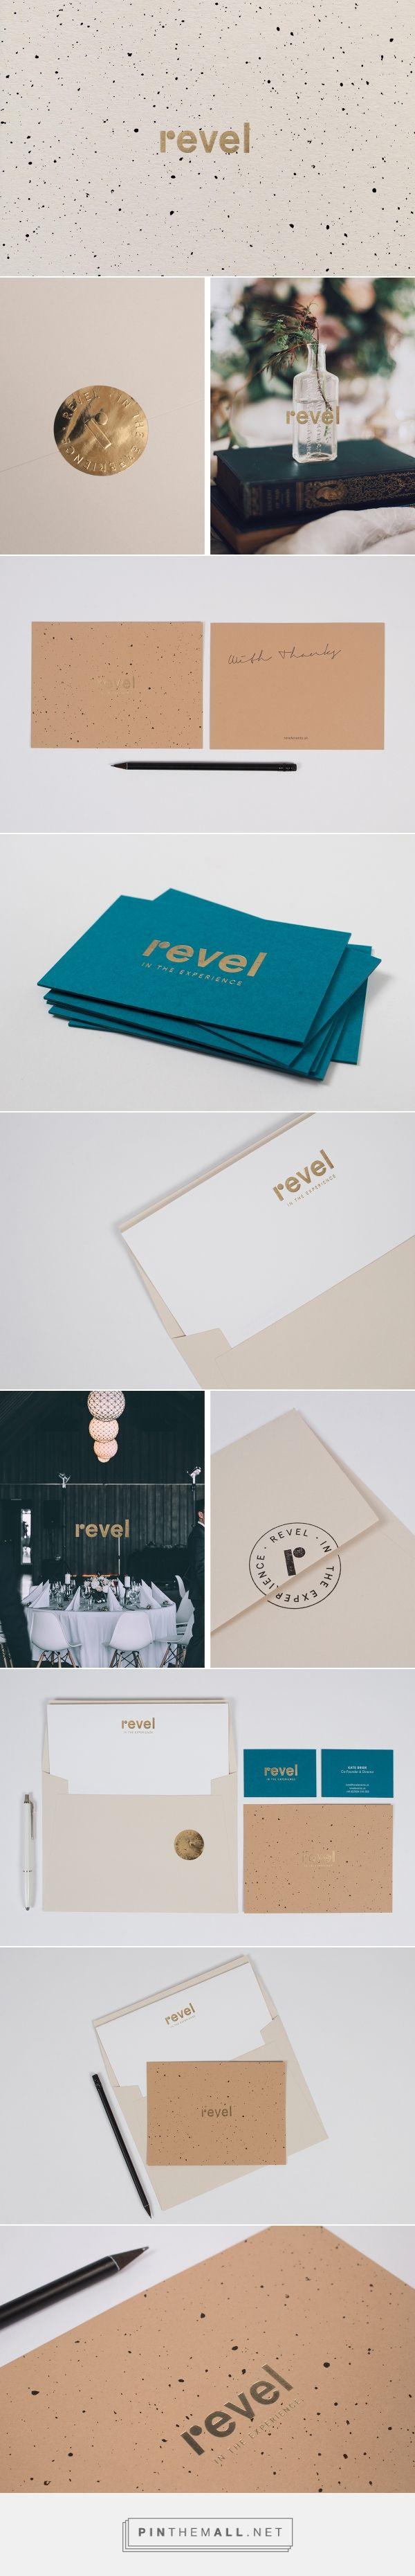 Revel on Behance Branding brand design